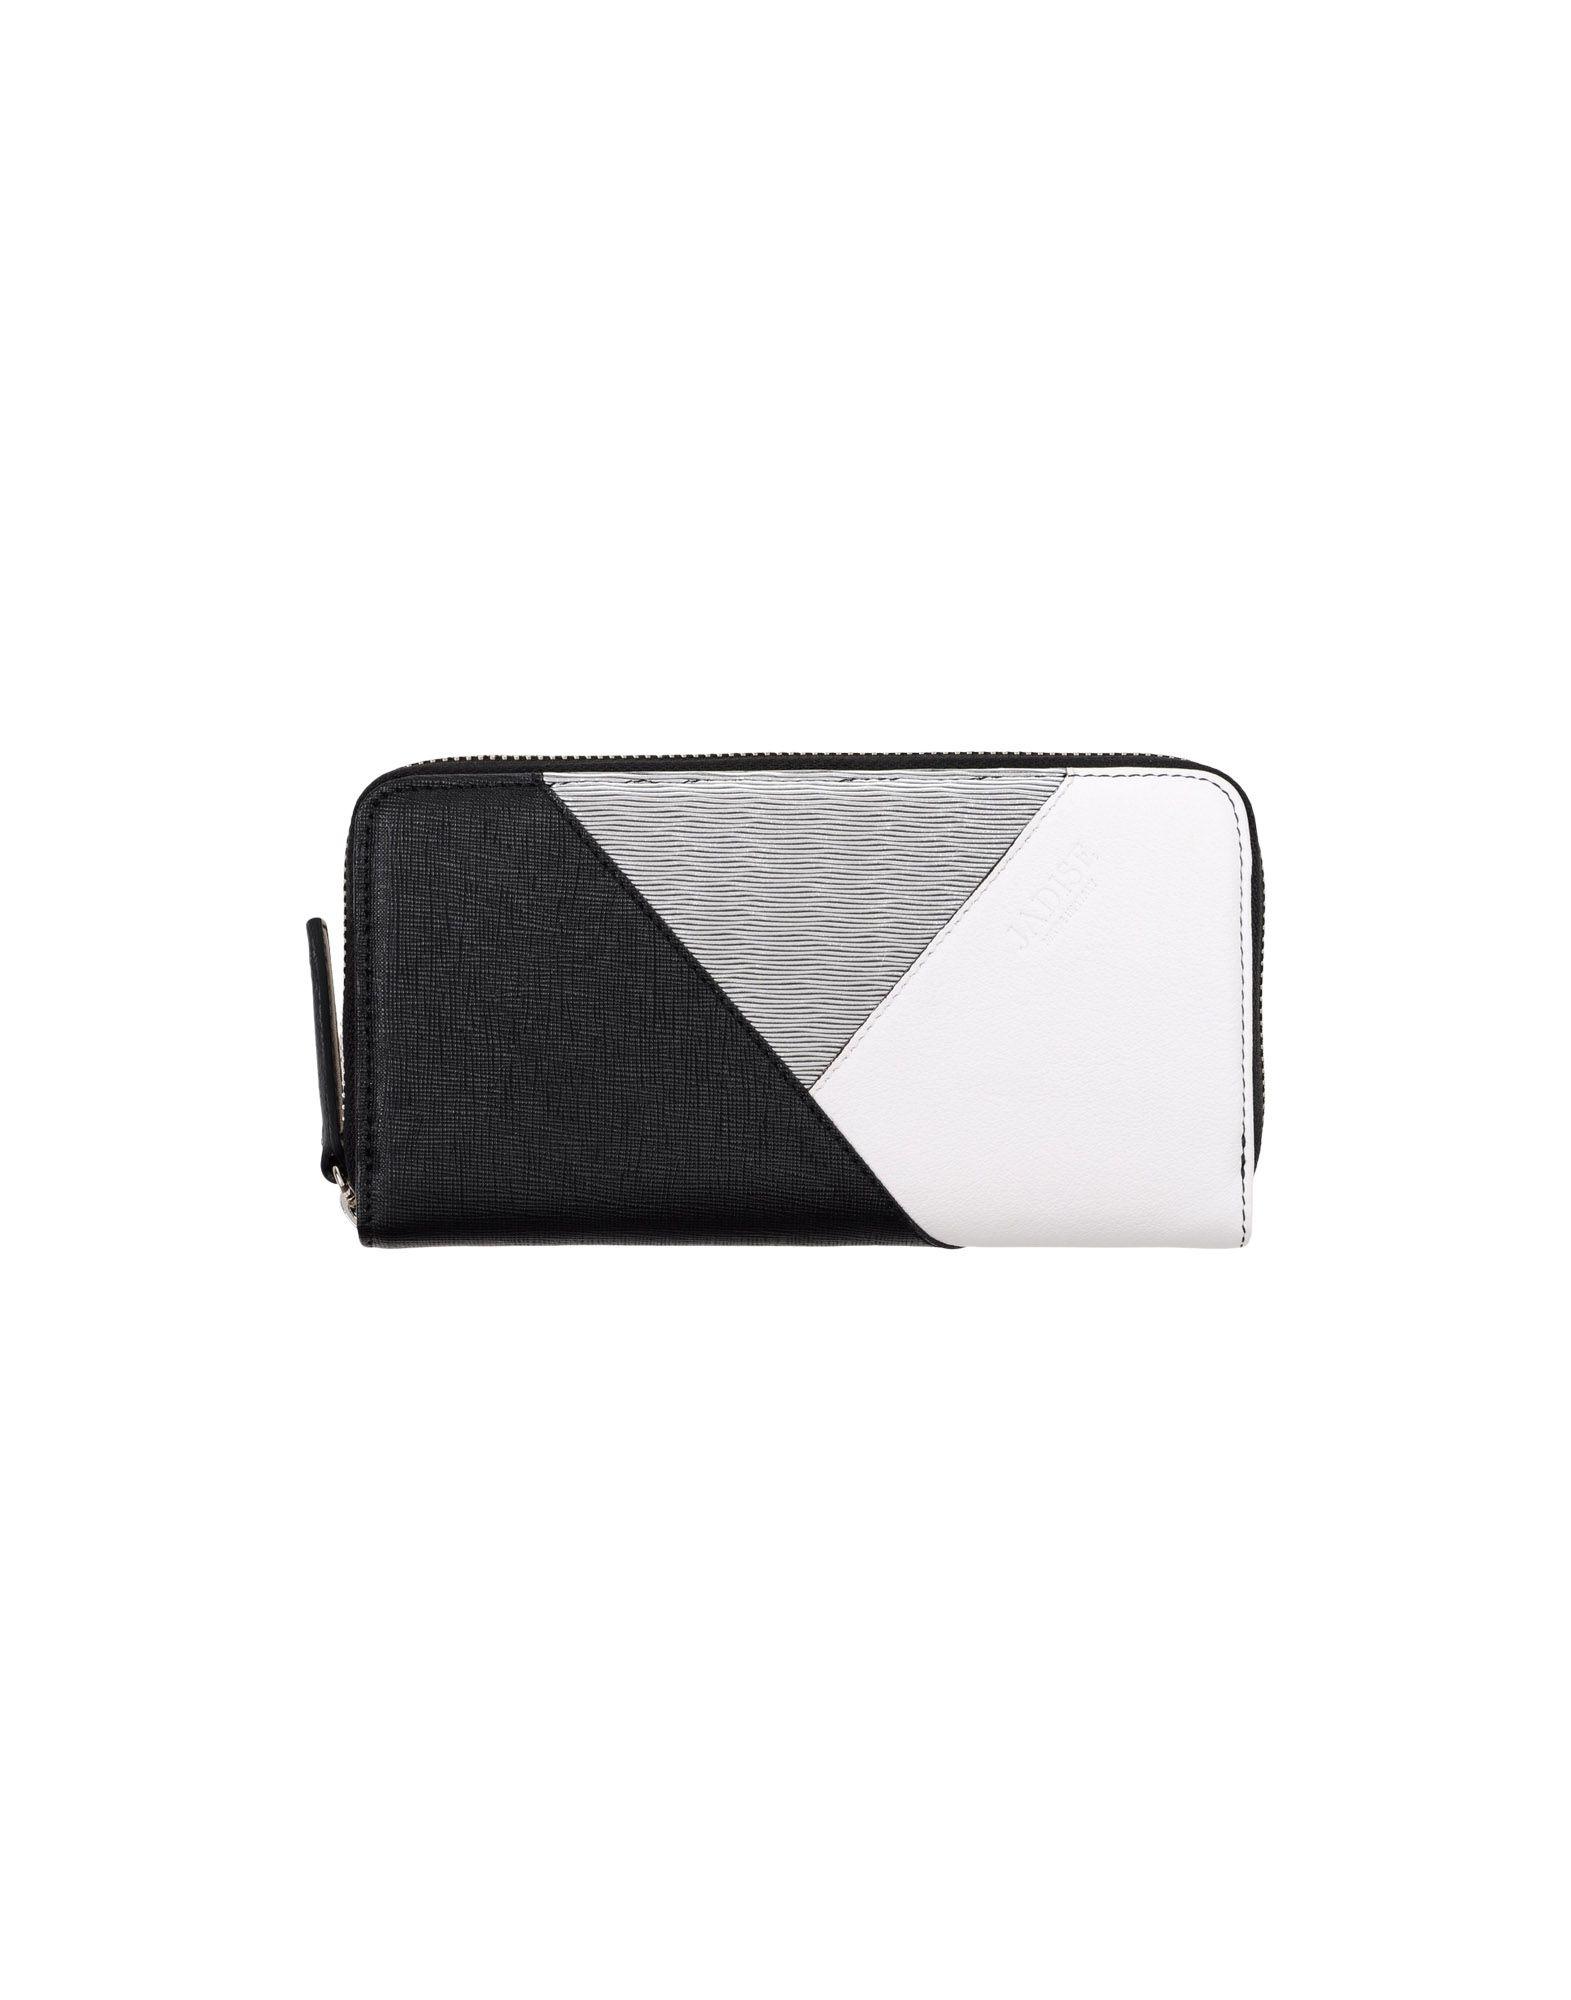 《送料無料》JADISE レディース 財布 ブラック 紡績繊維